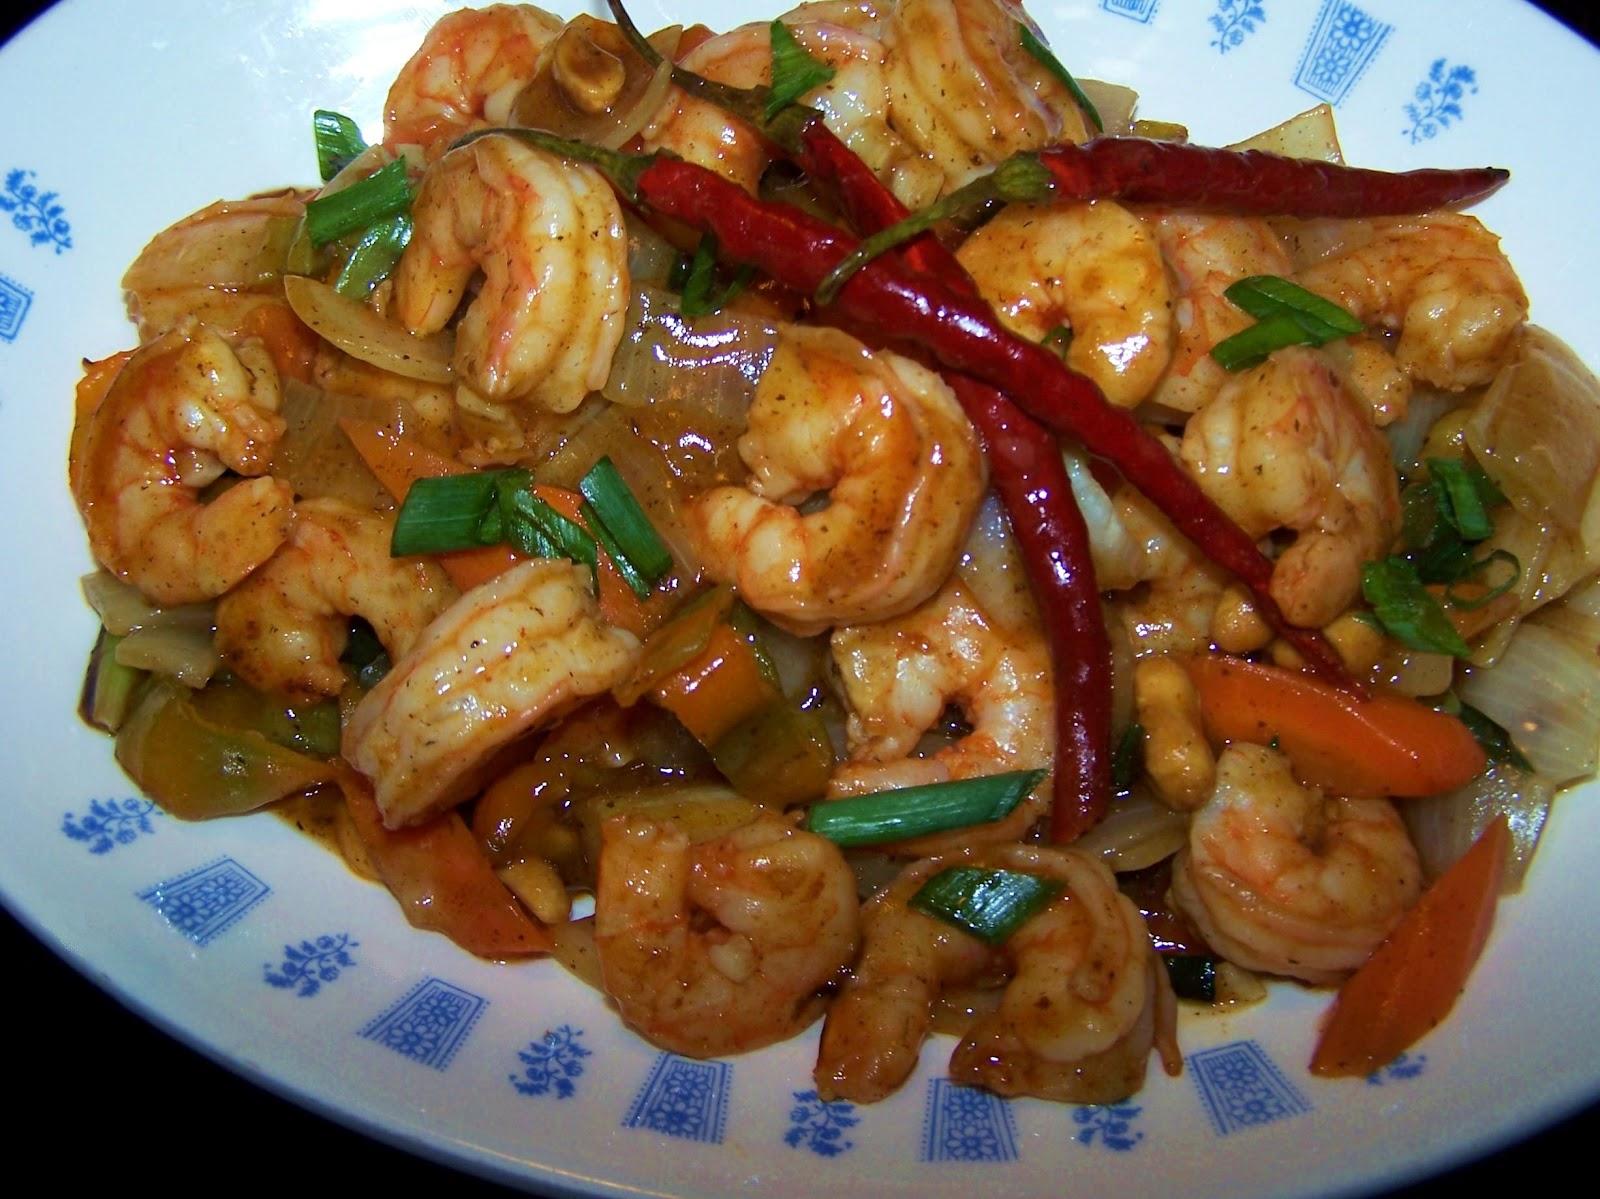 ... Shrimp Is Kung Bo Shrimp http://ezgf.blogspot.com/2012/03/kung-pao